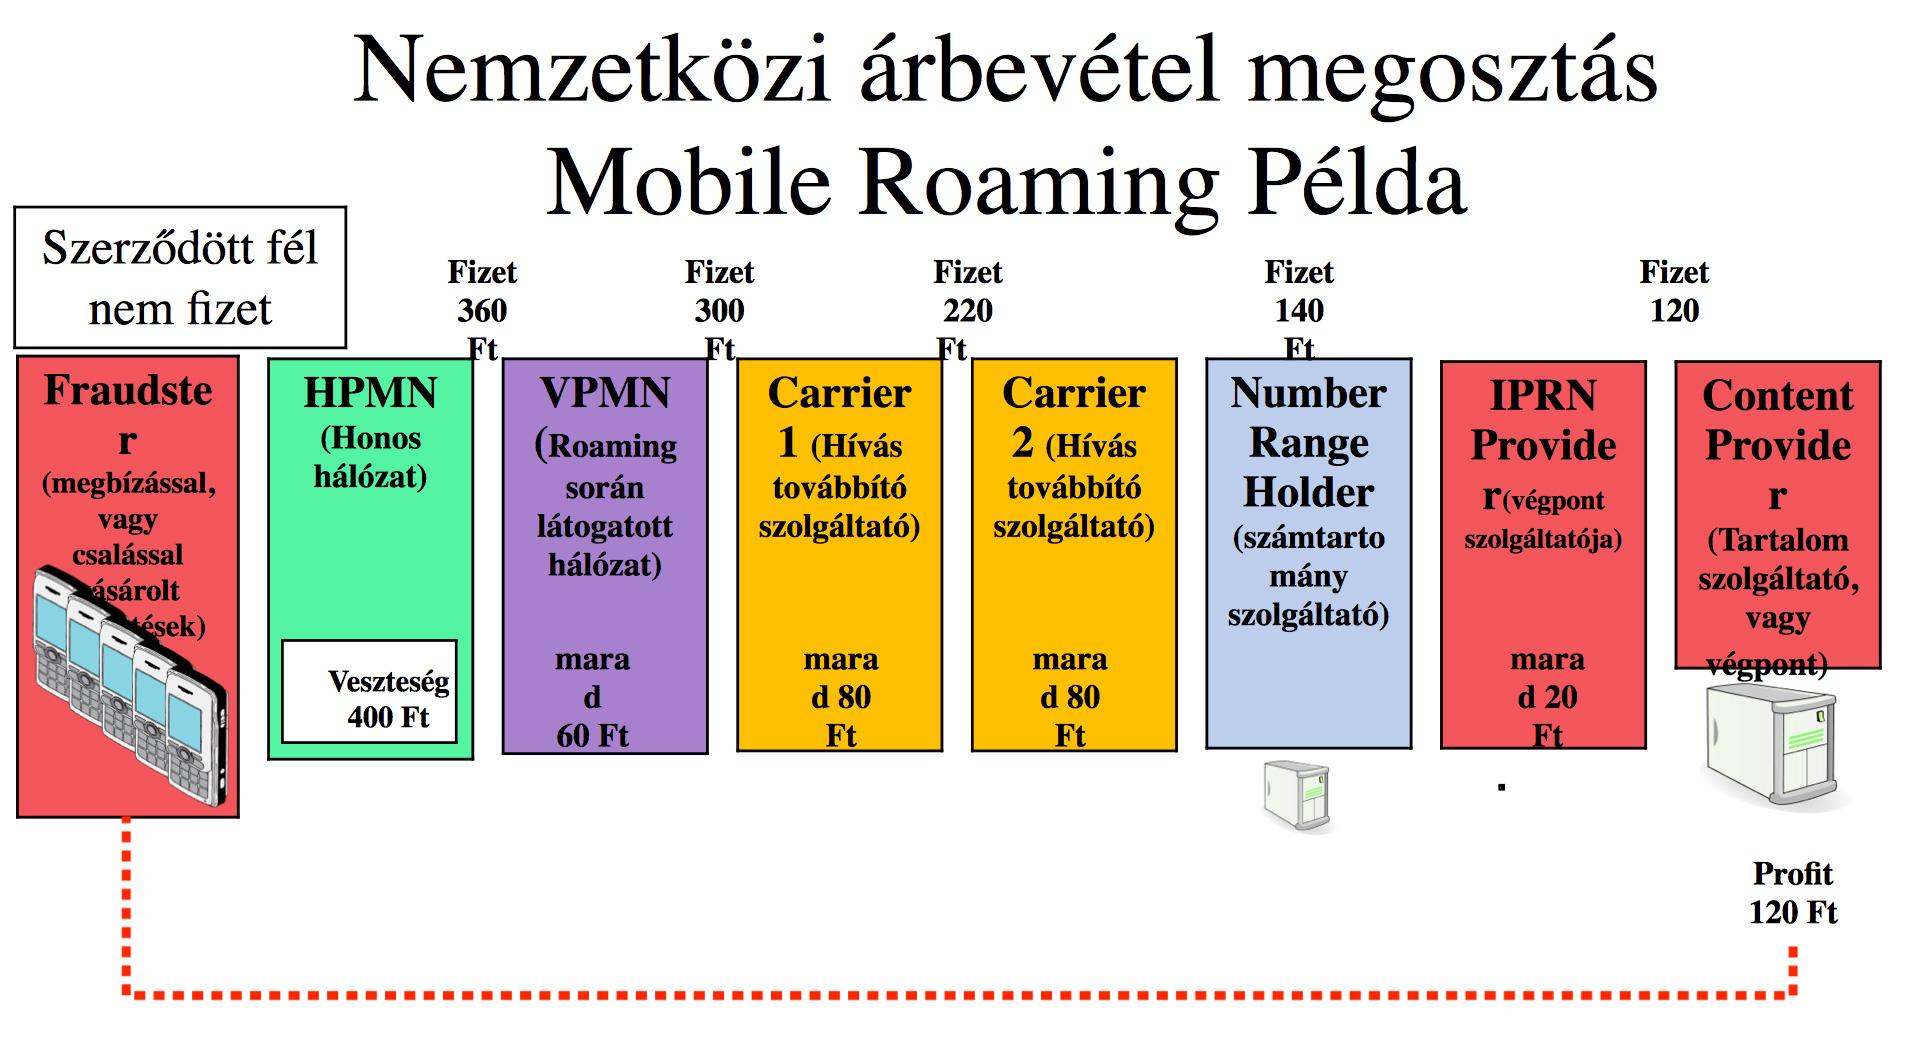 bevétel mobil számokról az interneten keresztül